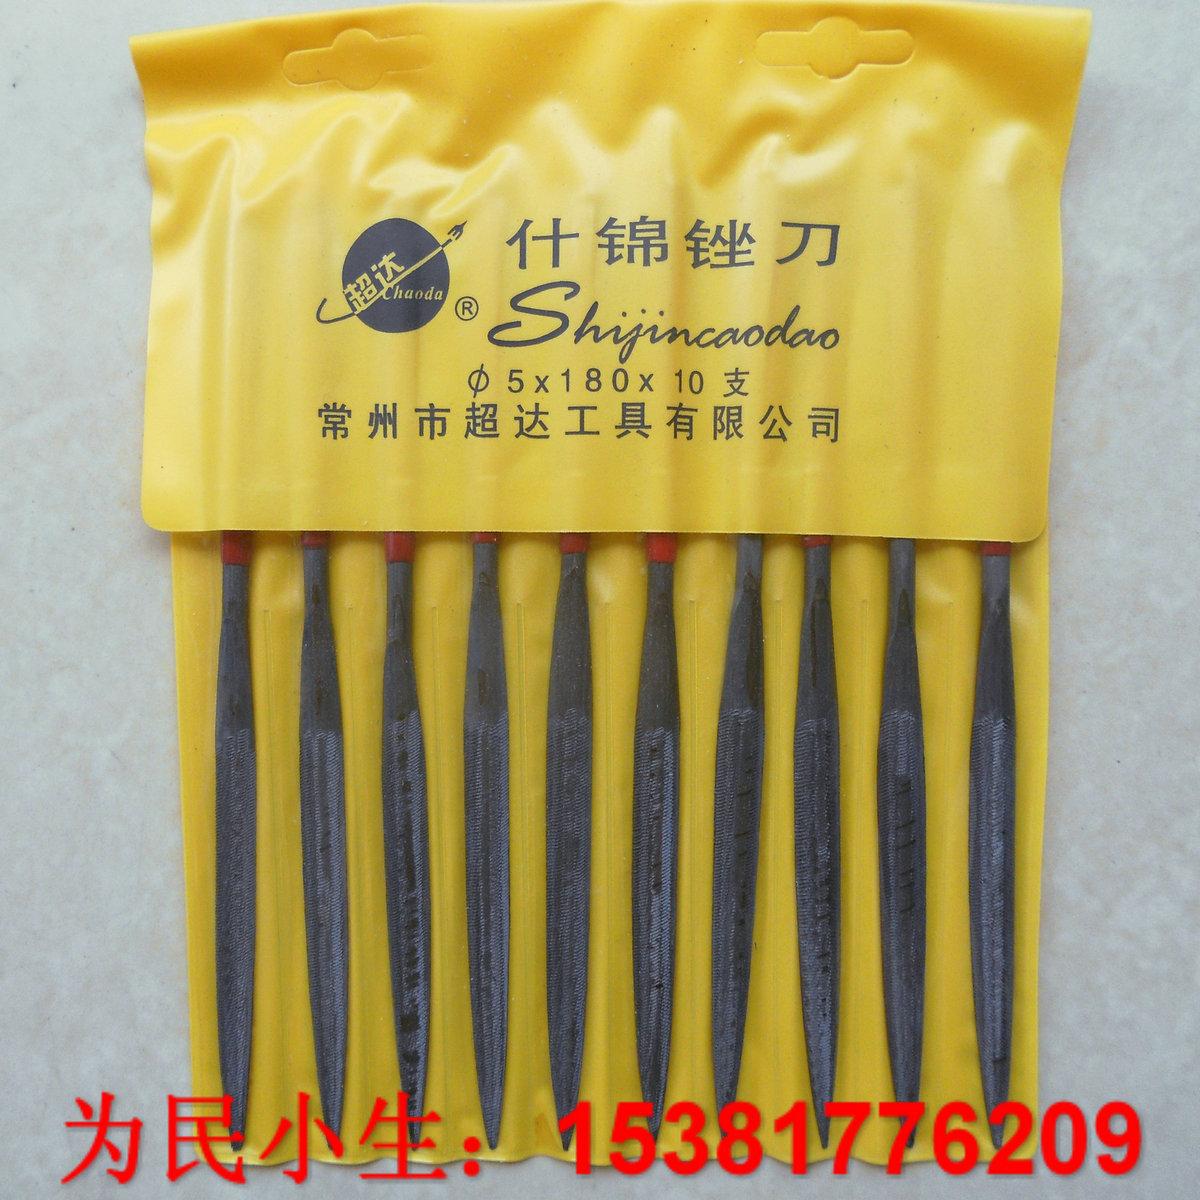 10件套沪工塑柄整形锉 什锦锉 模型锉 锉刀套装140*3 160*4 180*5